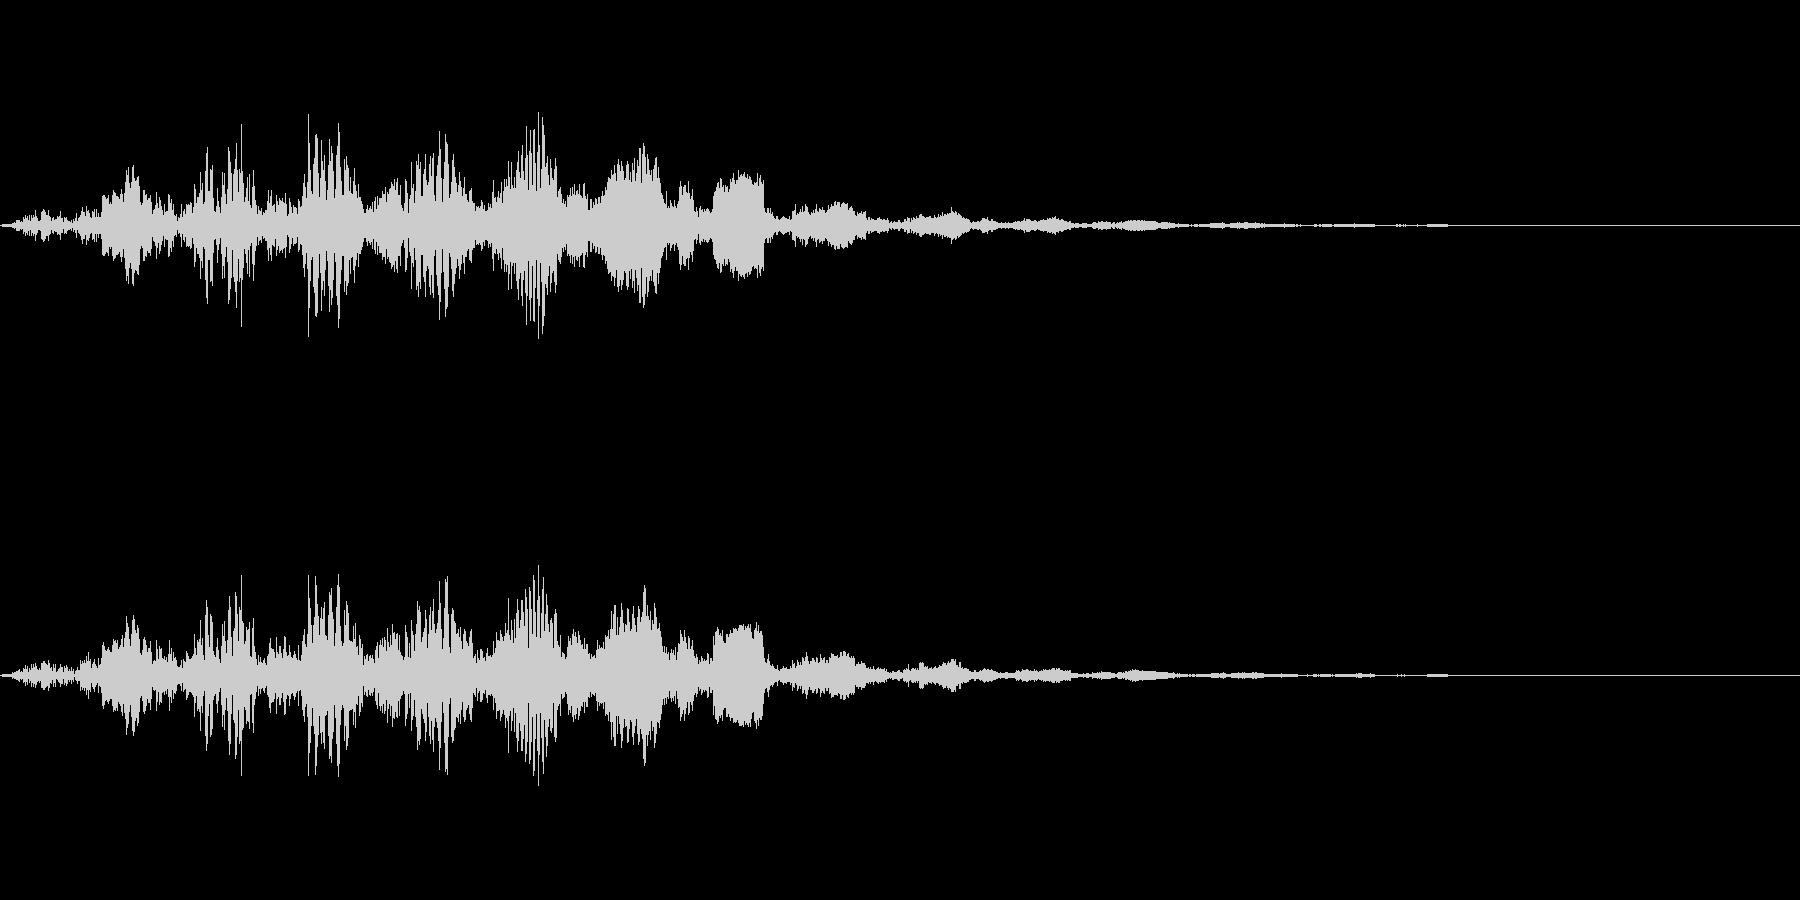 [ヒュイーン]ゴール(8bit系)の未再生の波形